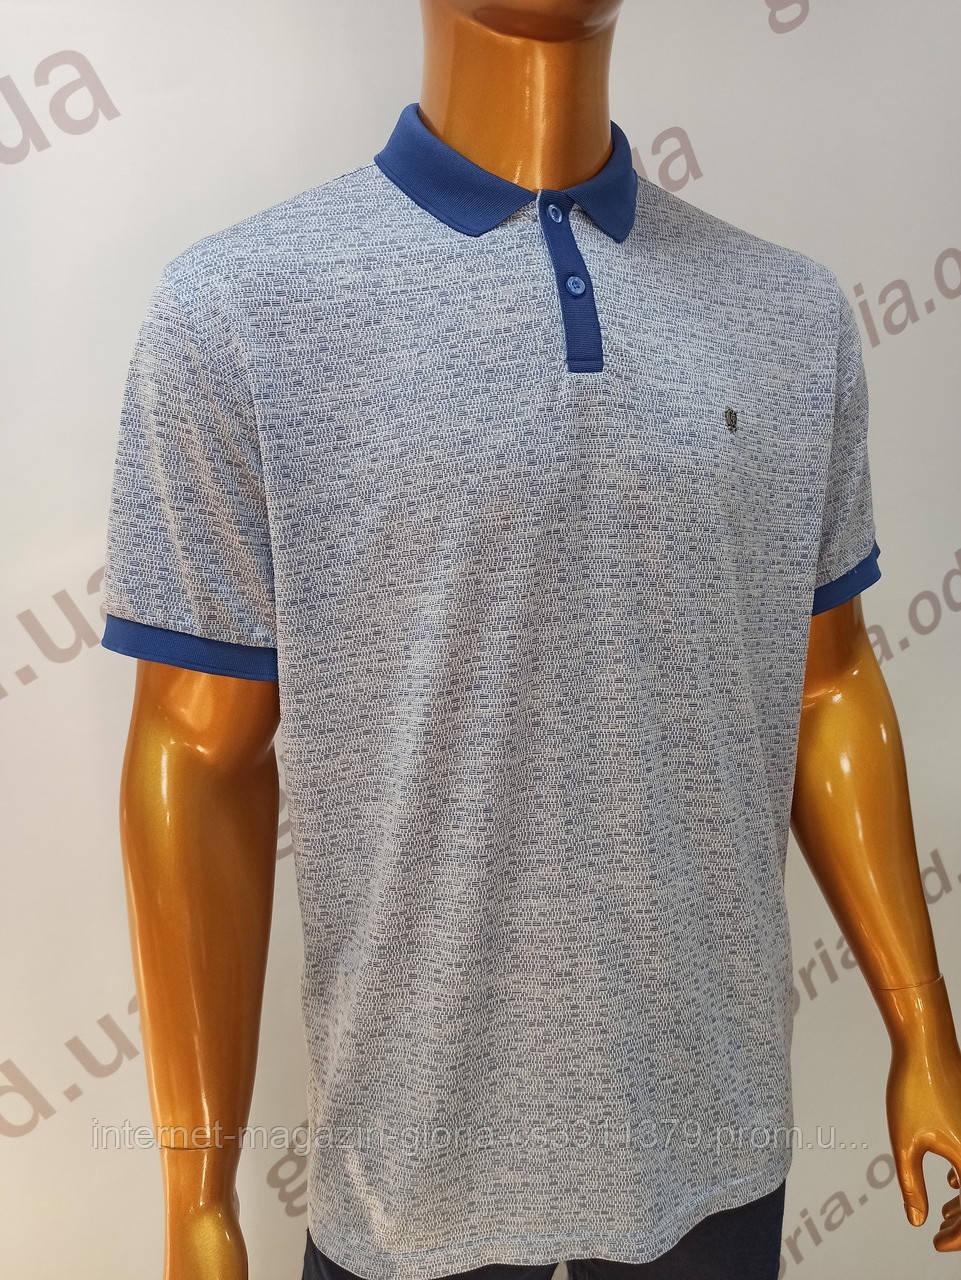 Мужская футболка поло Tony Montana. PSL-5016. Размеры: M,L,XL,XXL.